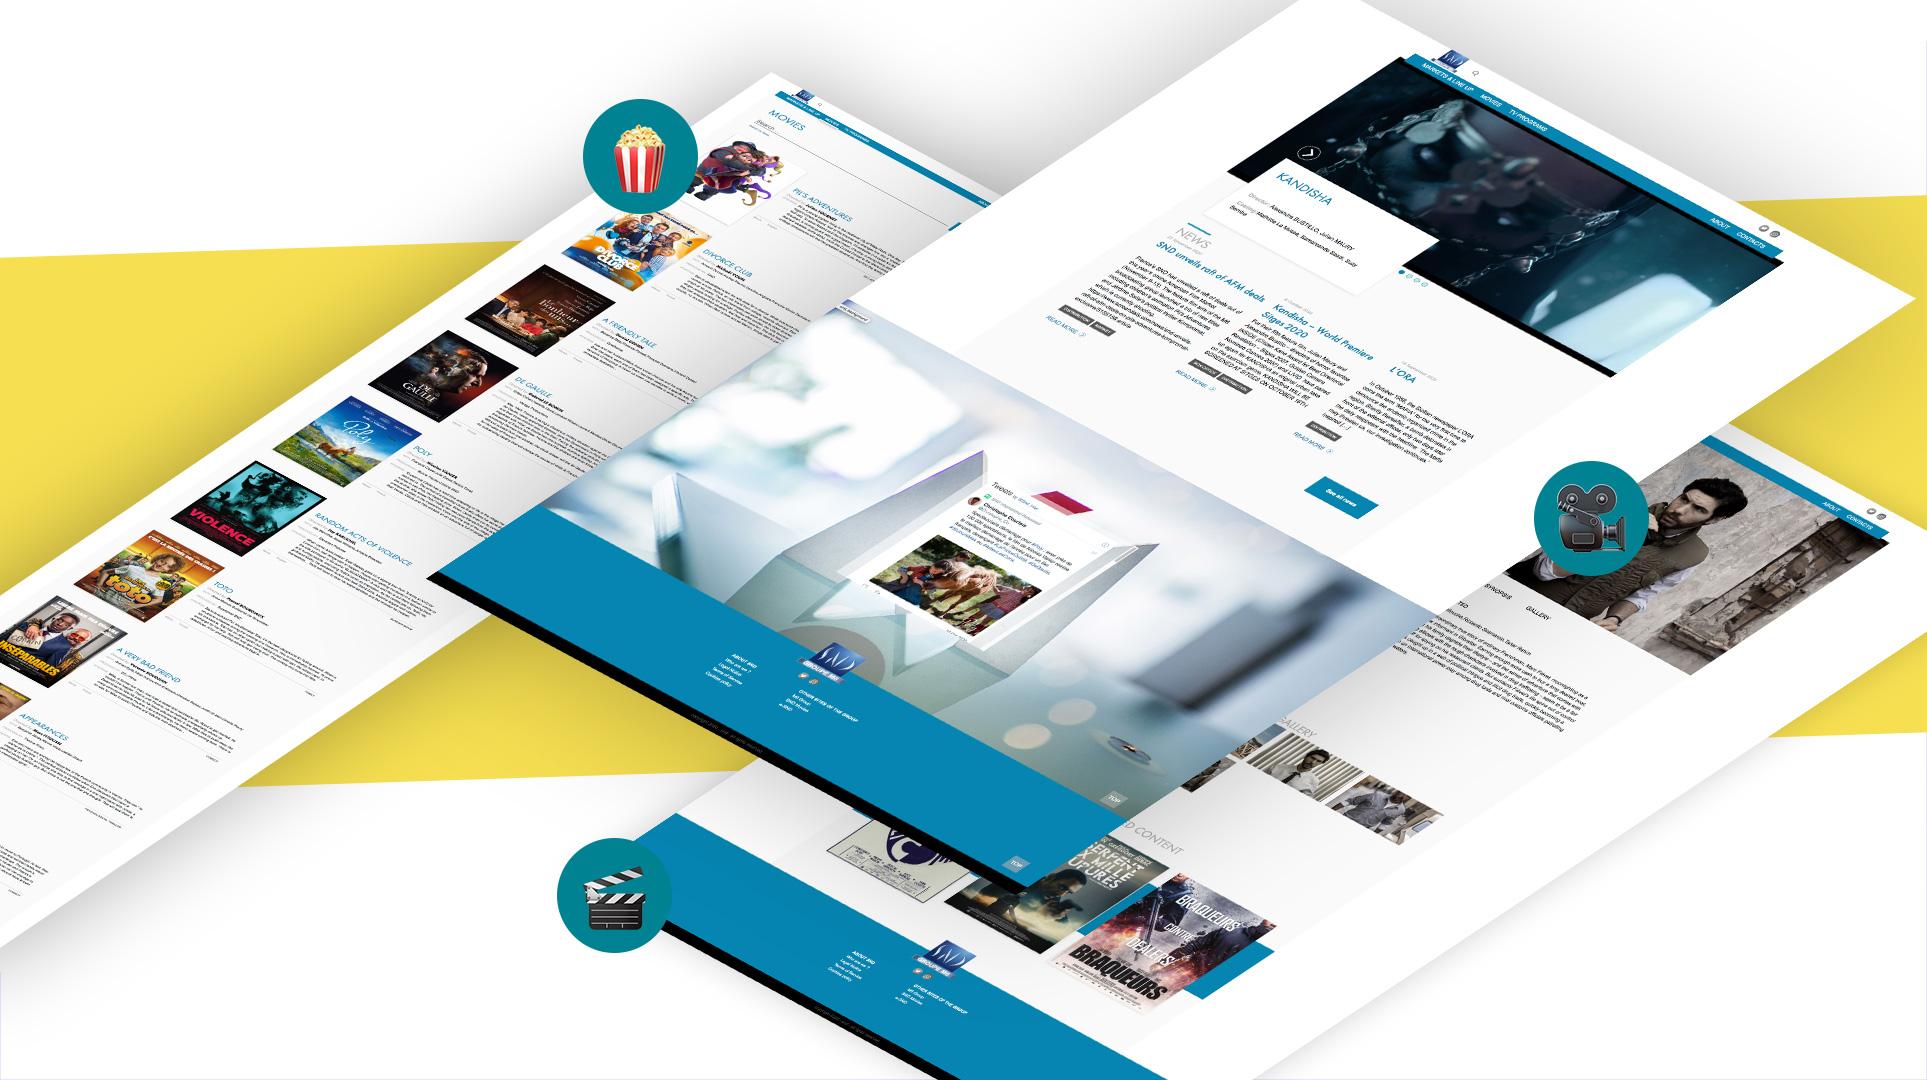 mockup design site vitrine B2B Société Nouvelle de Distribution SND